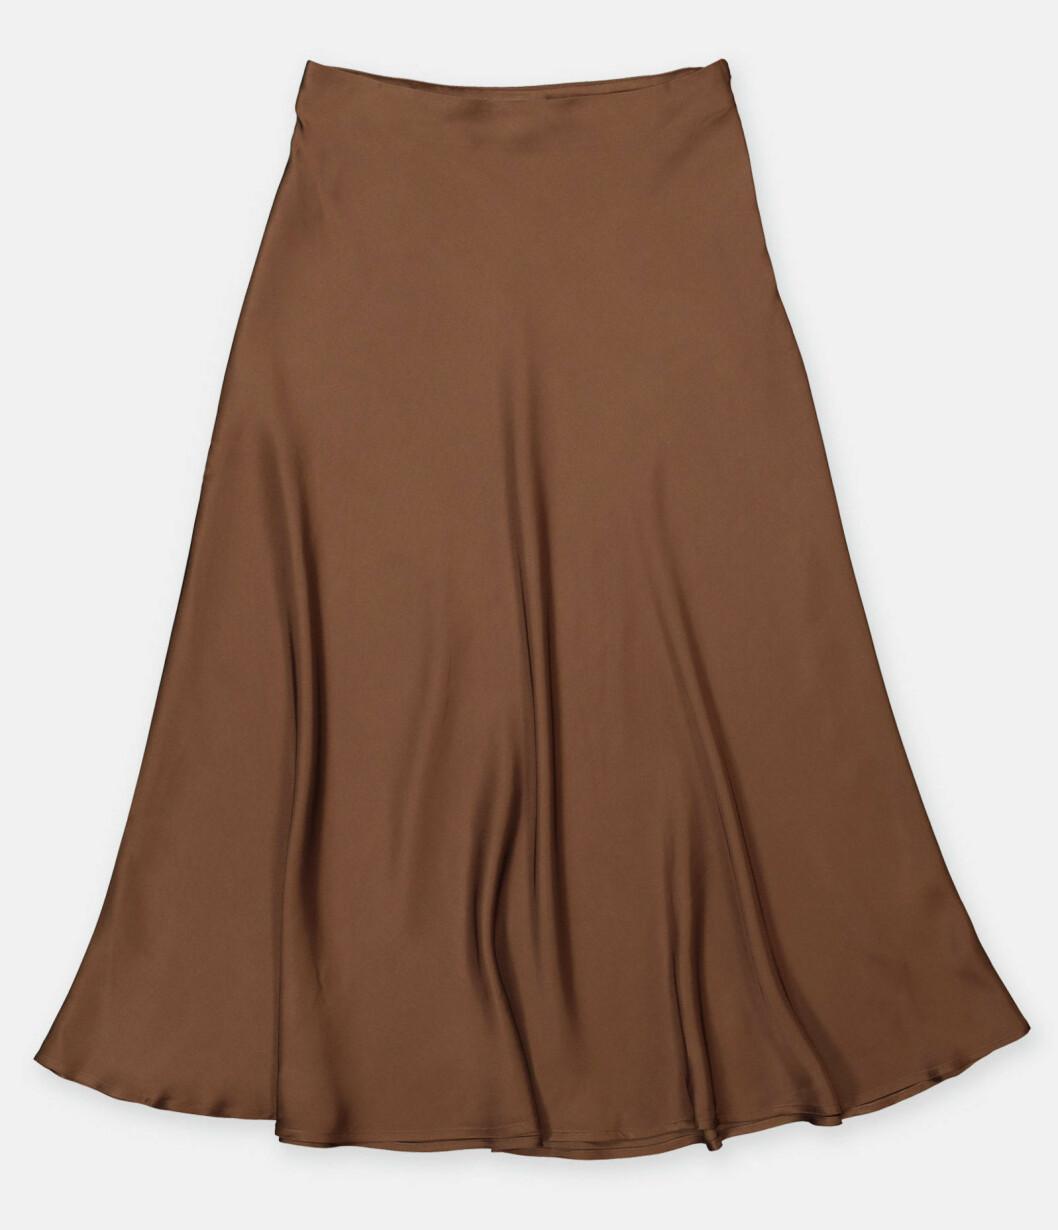 Chokladbrun kjol i vadlång modell från Wera